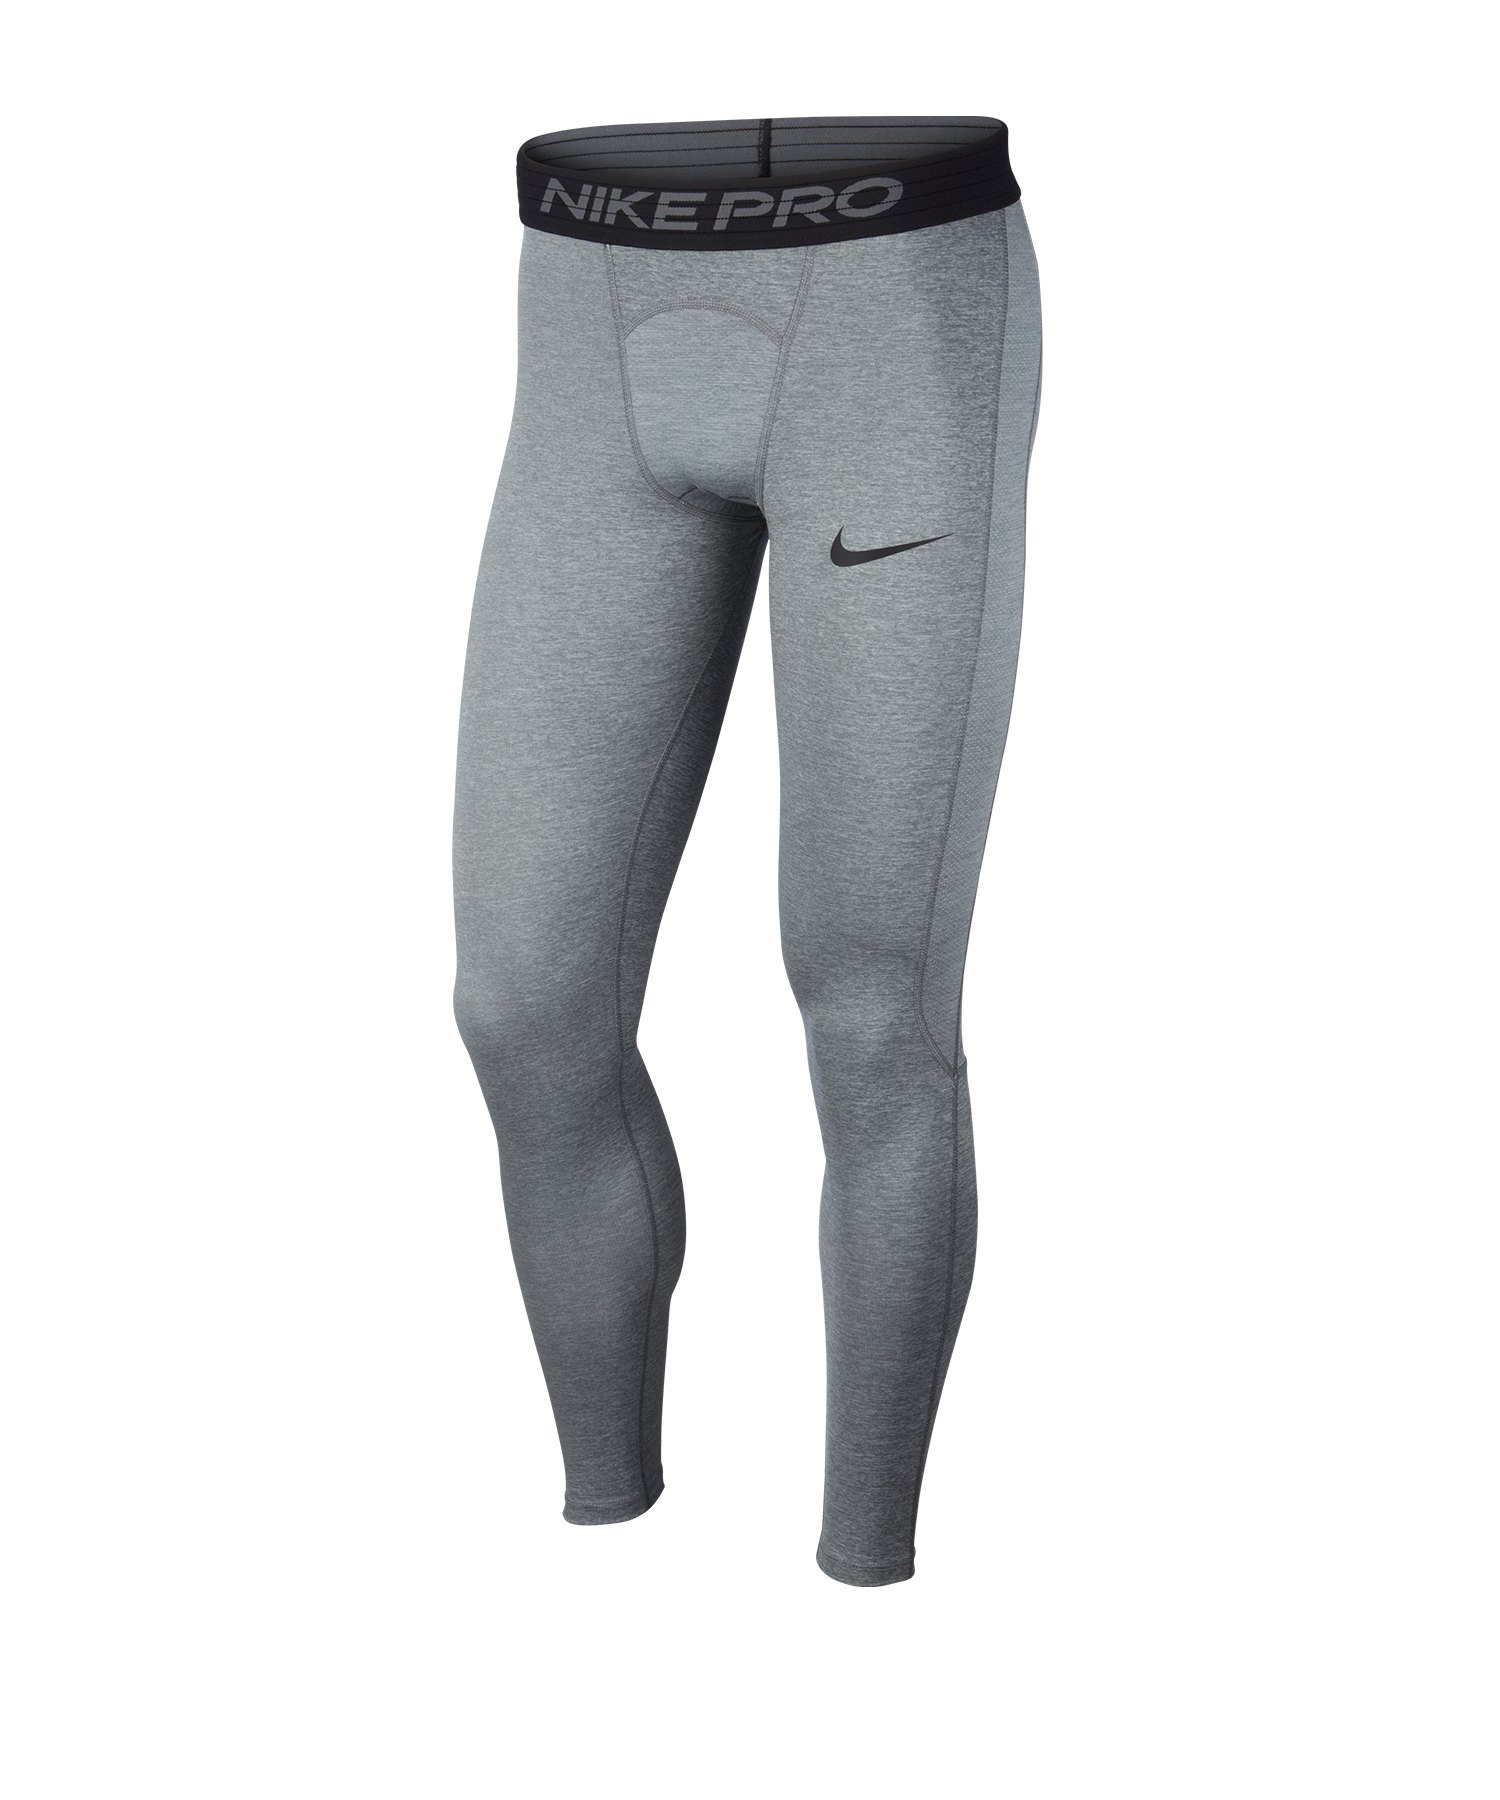 Nike Pro Tight lang Grau F085 - grau